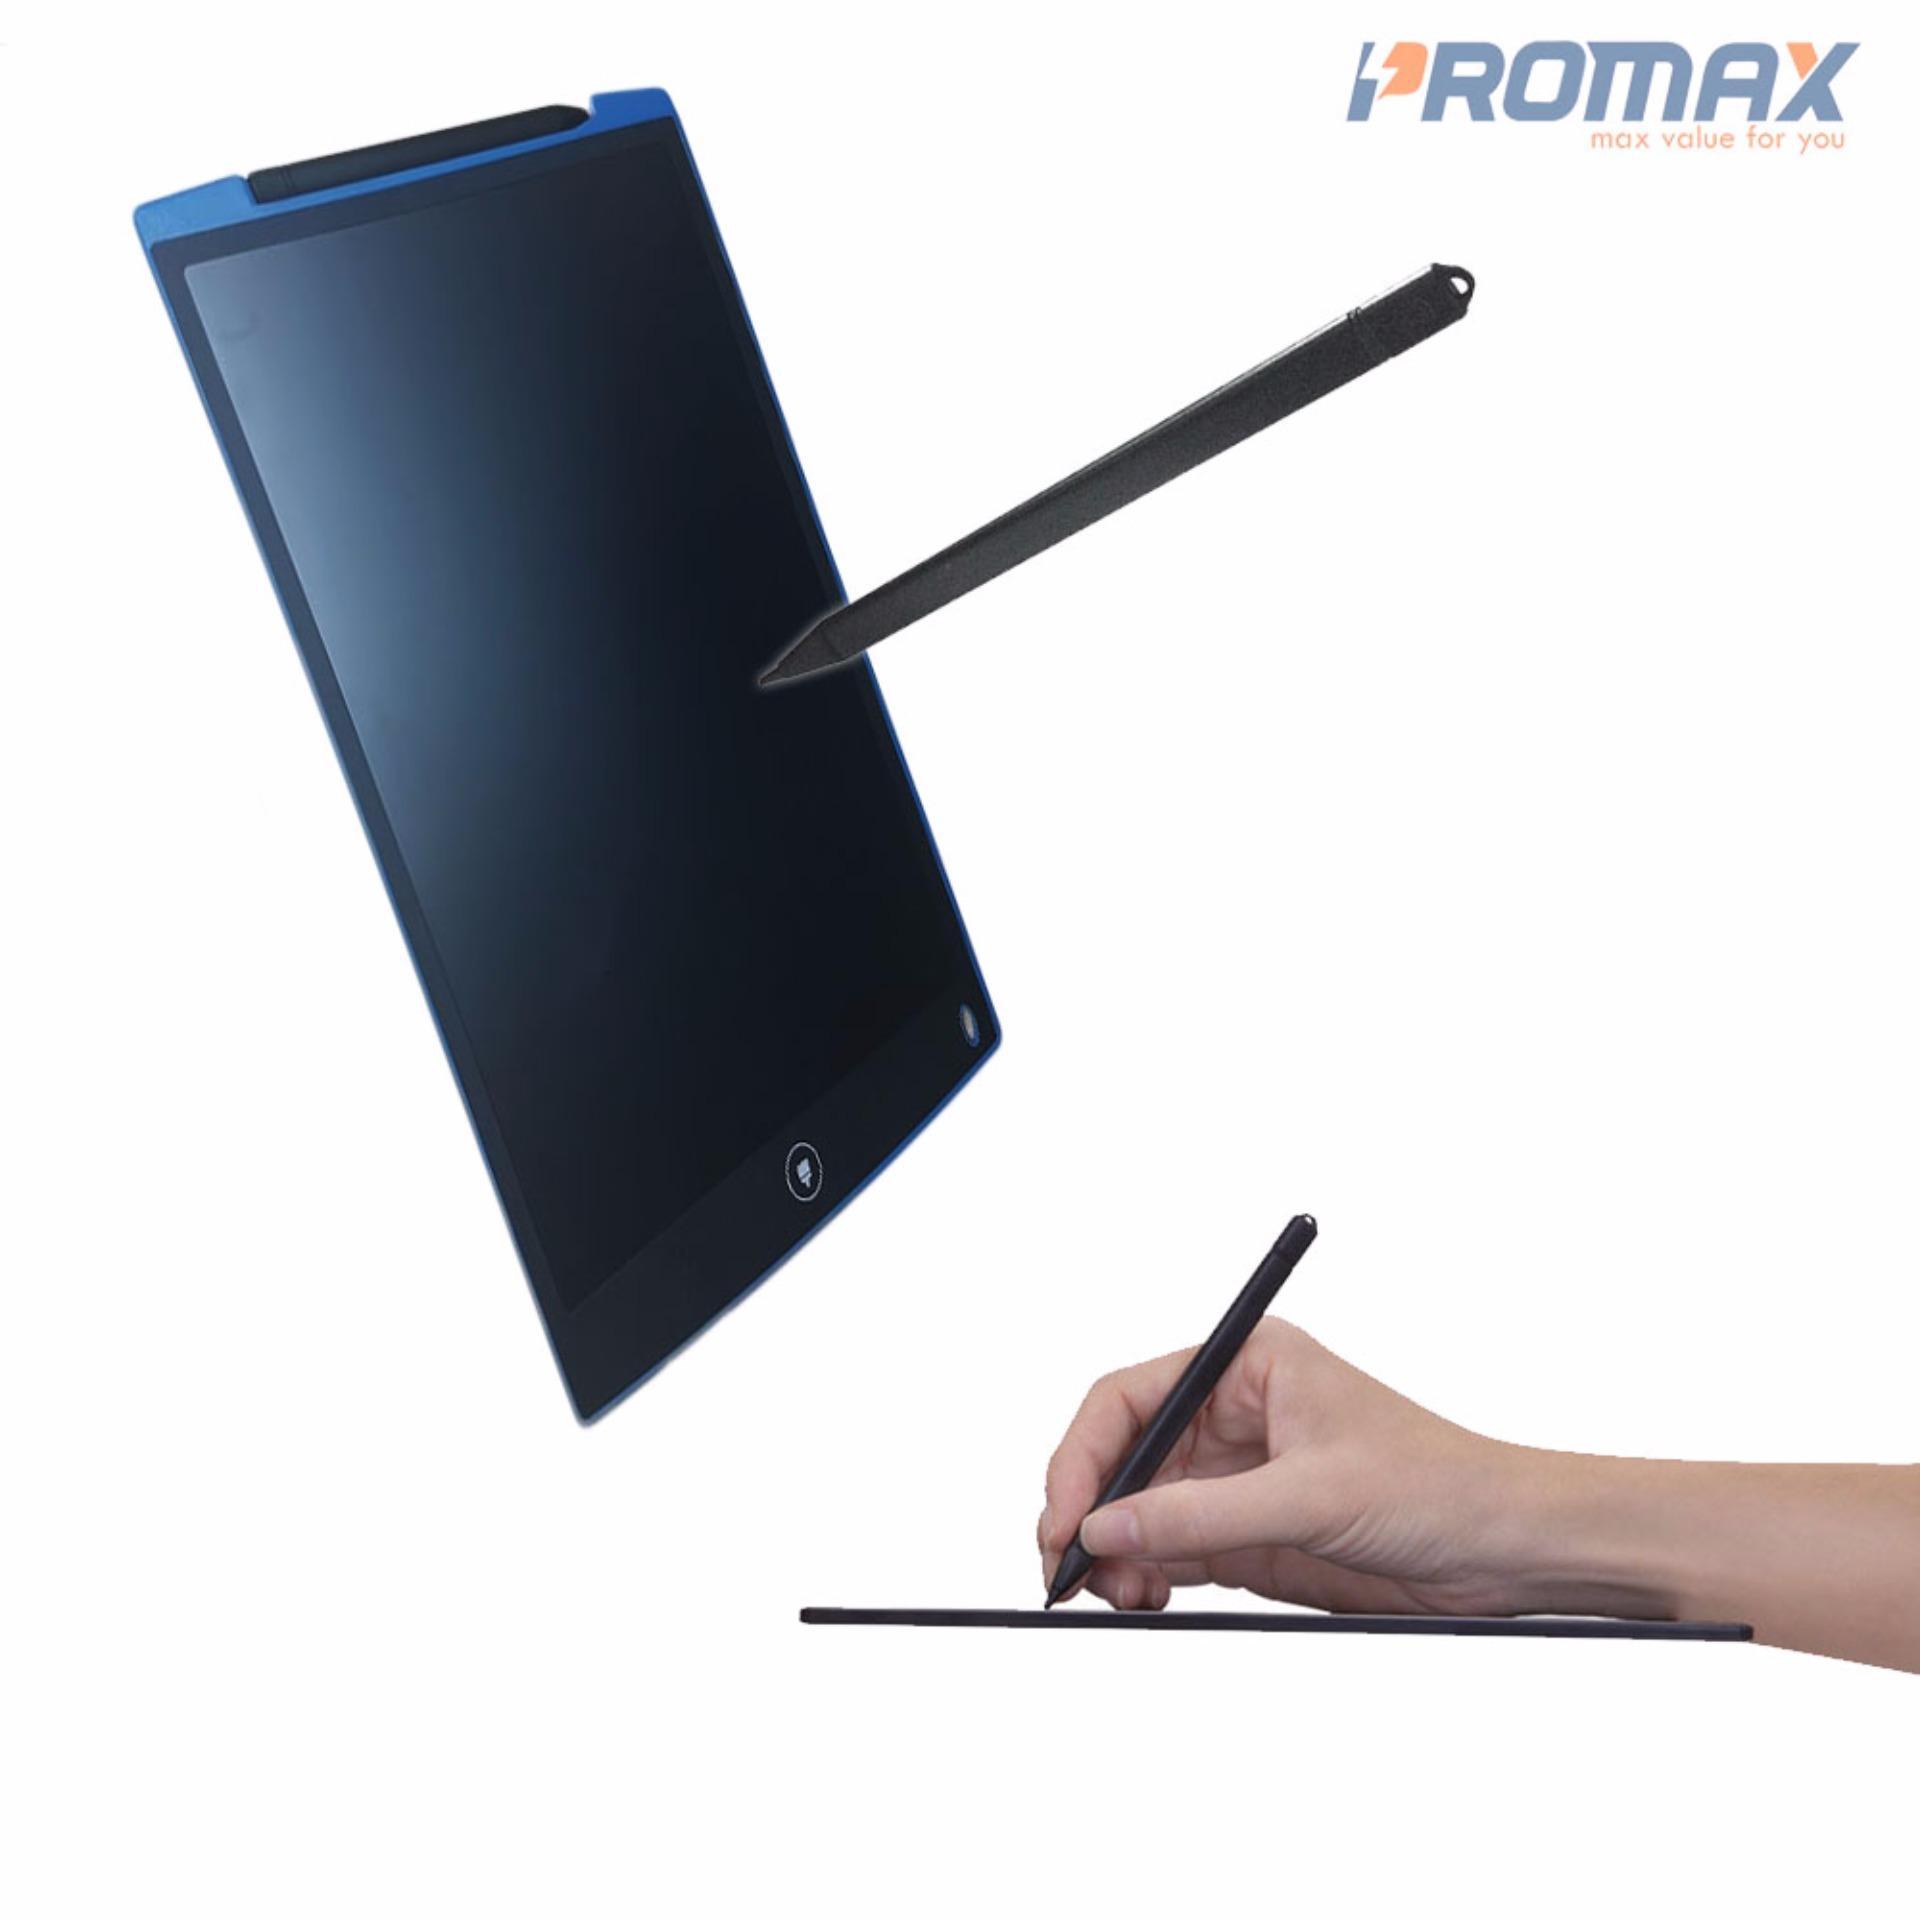 Mẫu sản phẩm Bảng Viết/ Vẽ điện tử thông minh Promax 12 inches